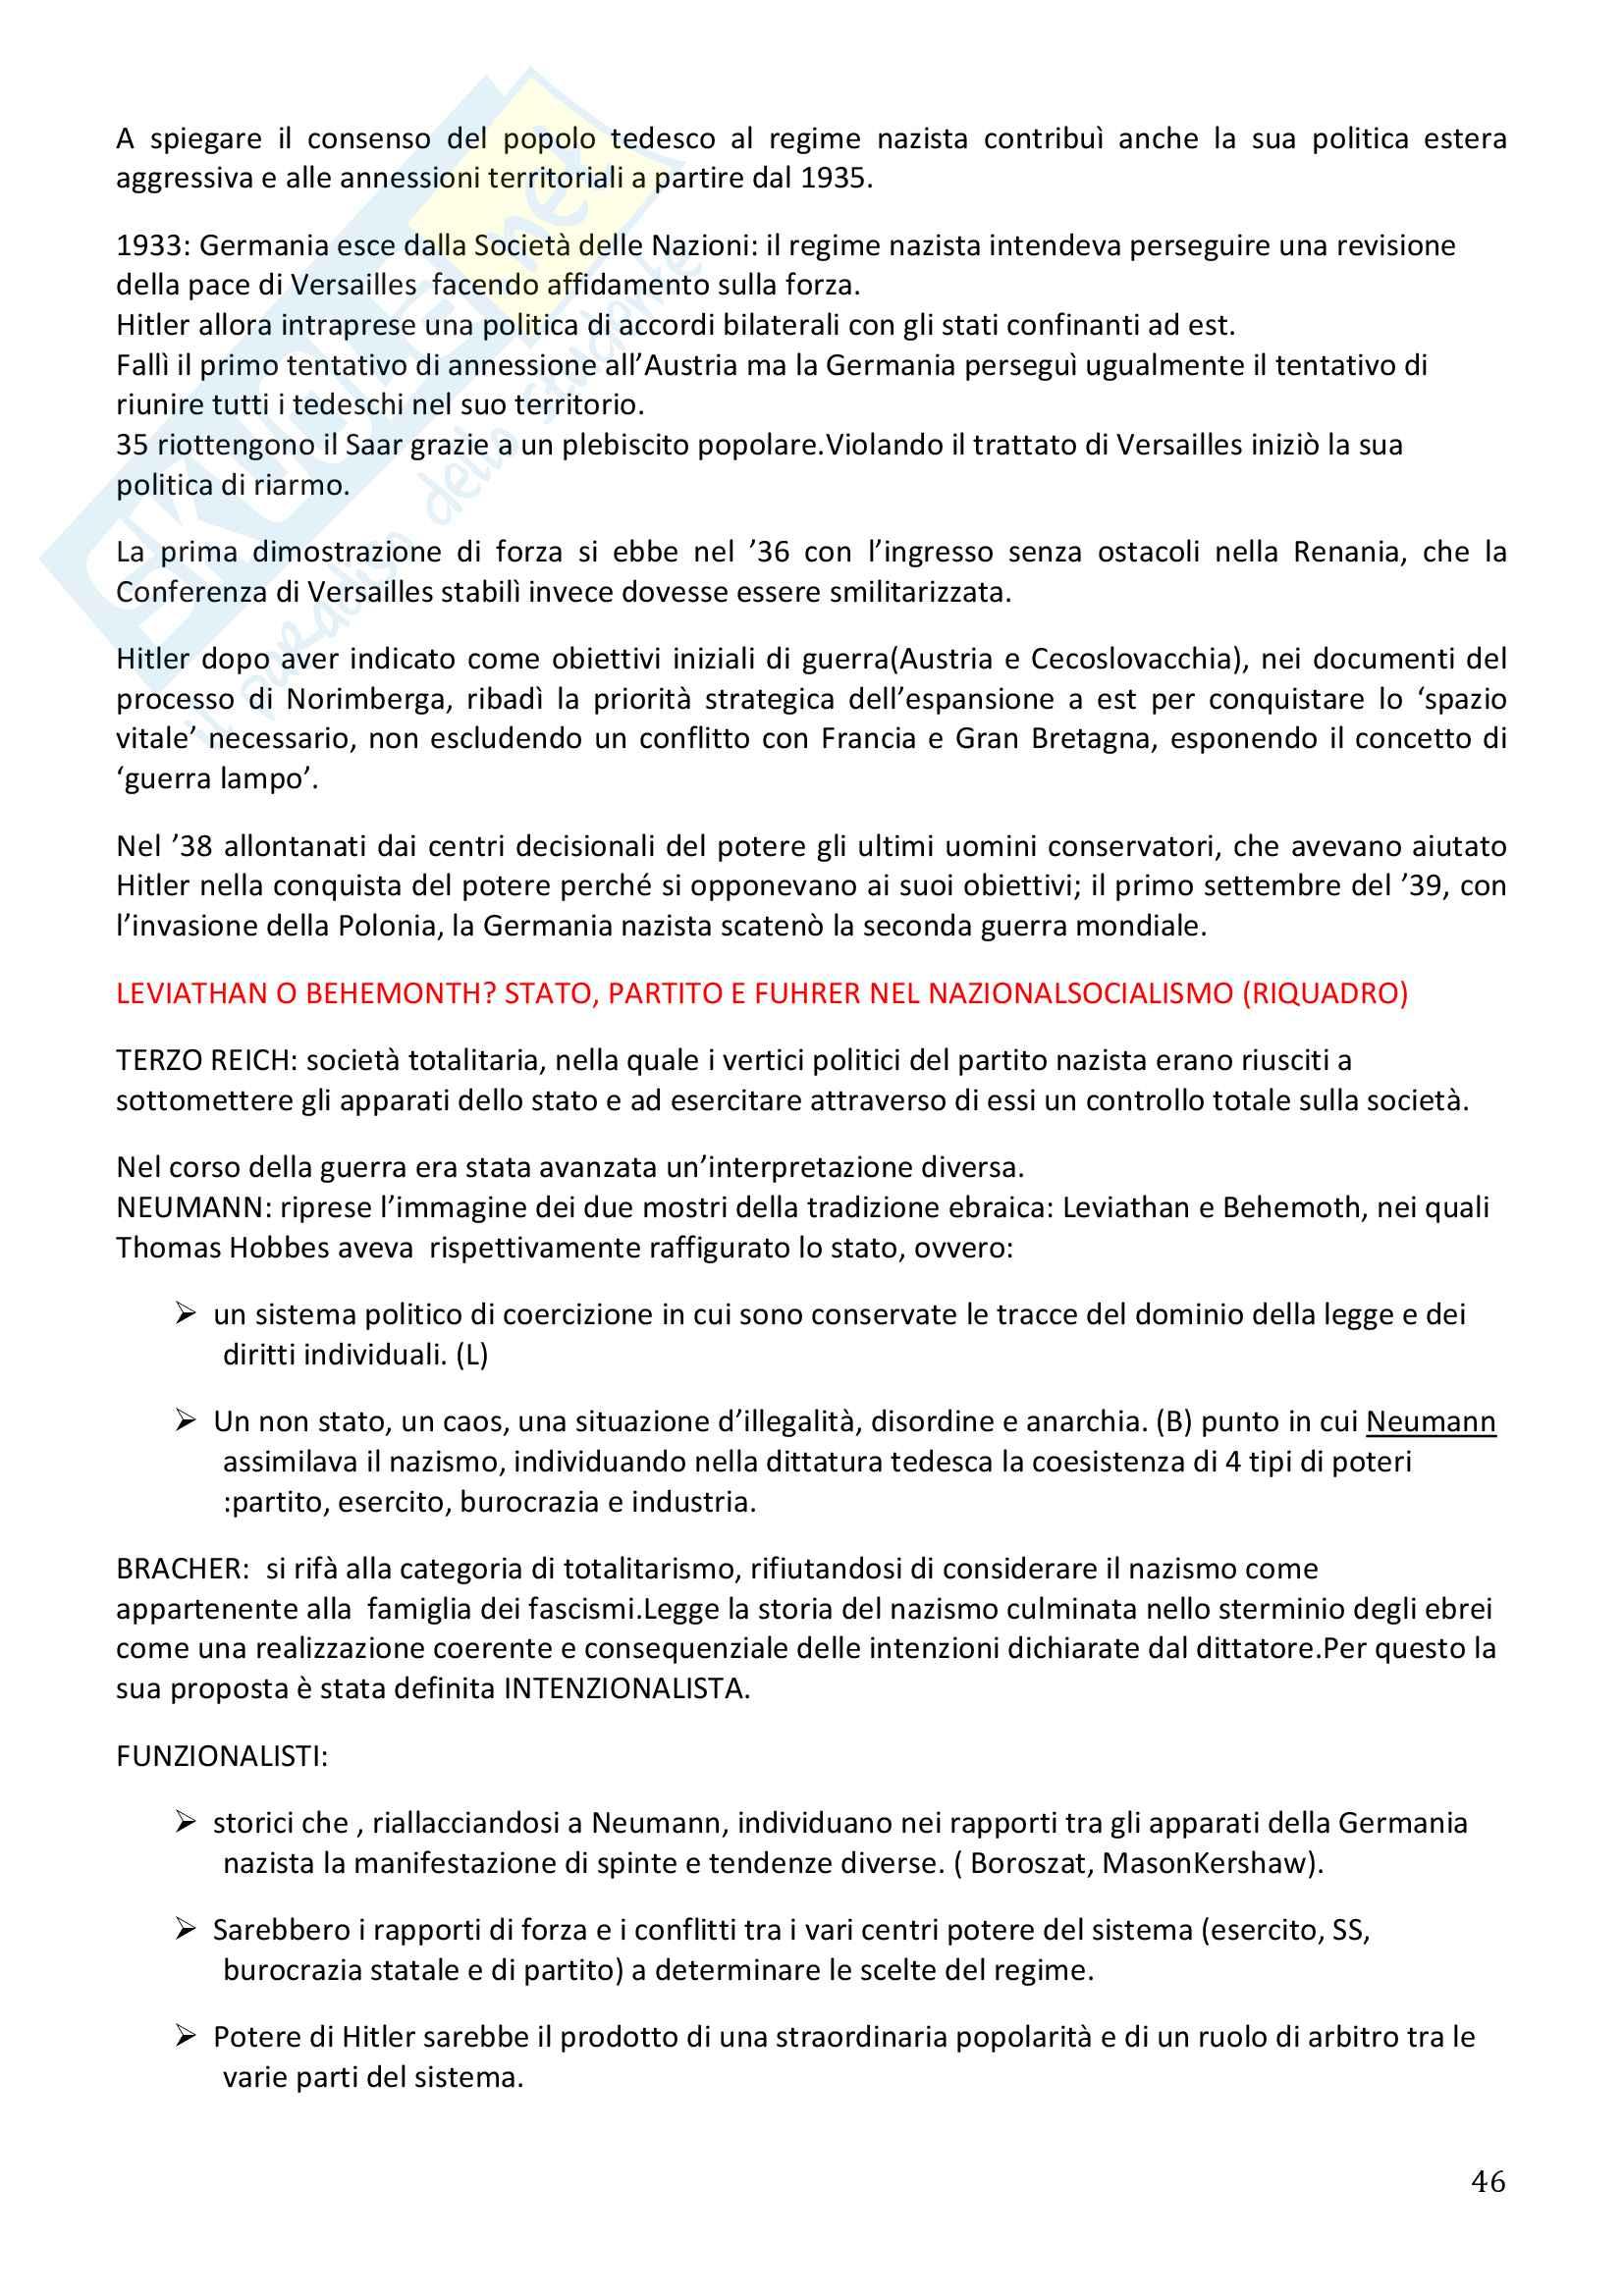 Storia Contemporanea, Detti, Gozzini il Novecento - Riassunto Pag. 46